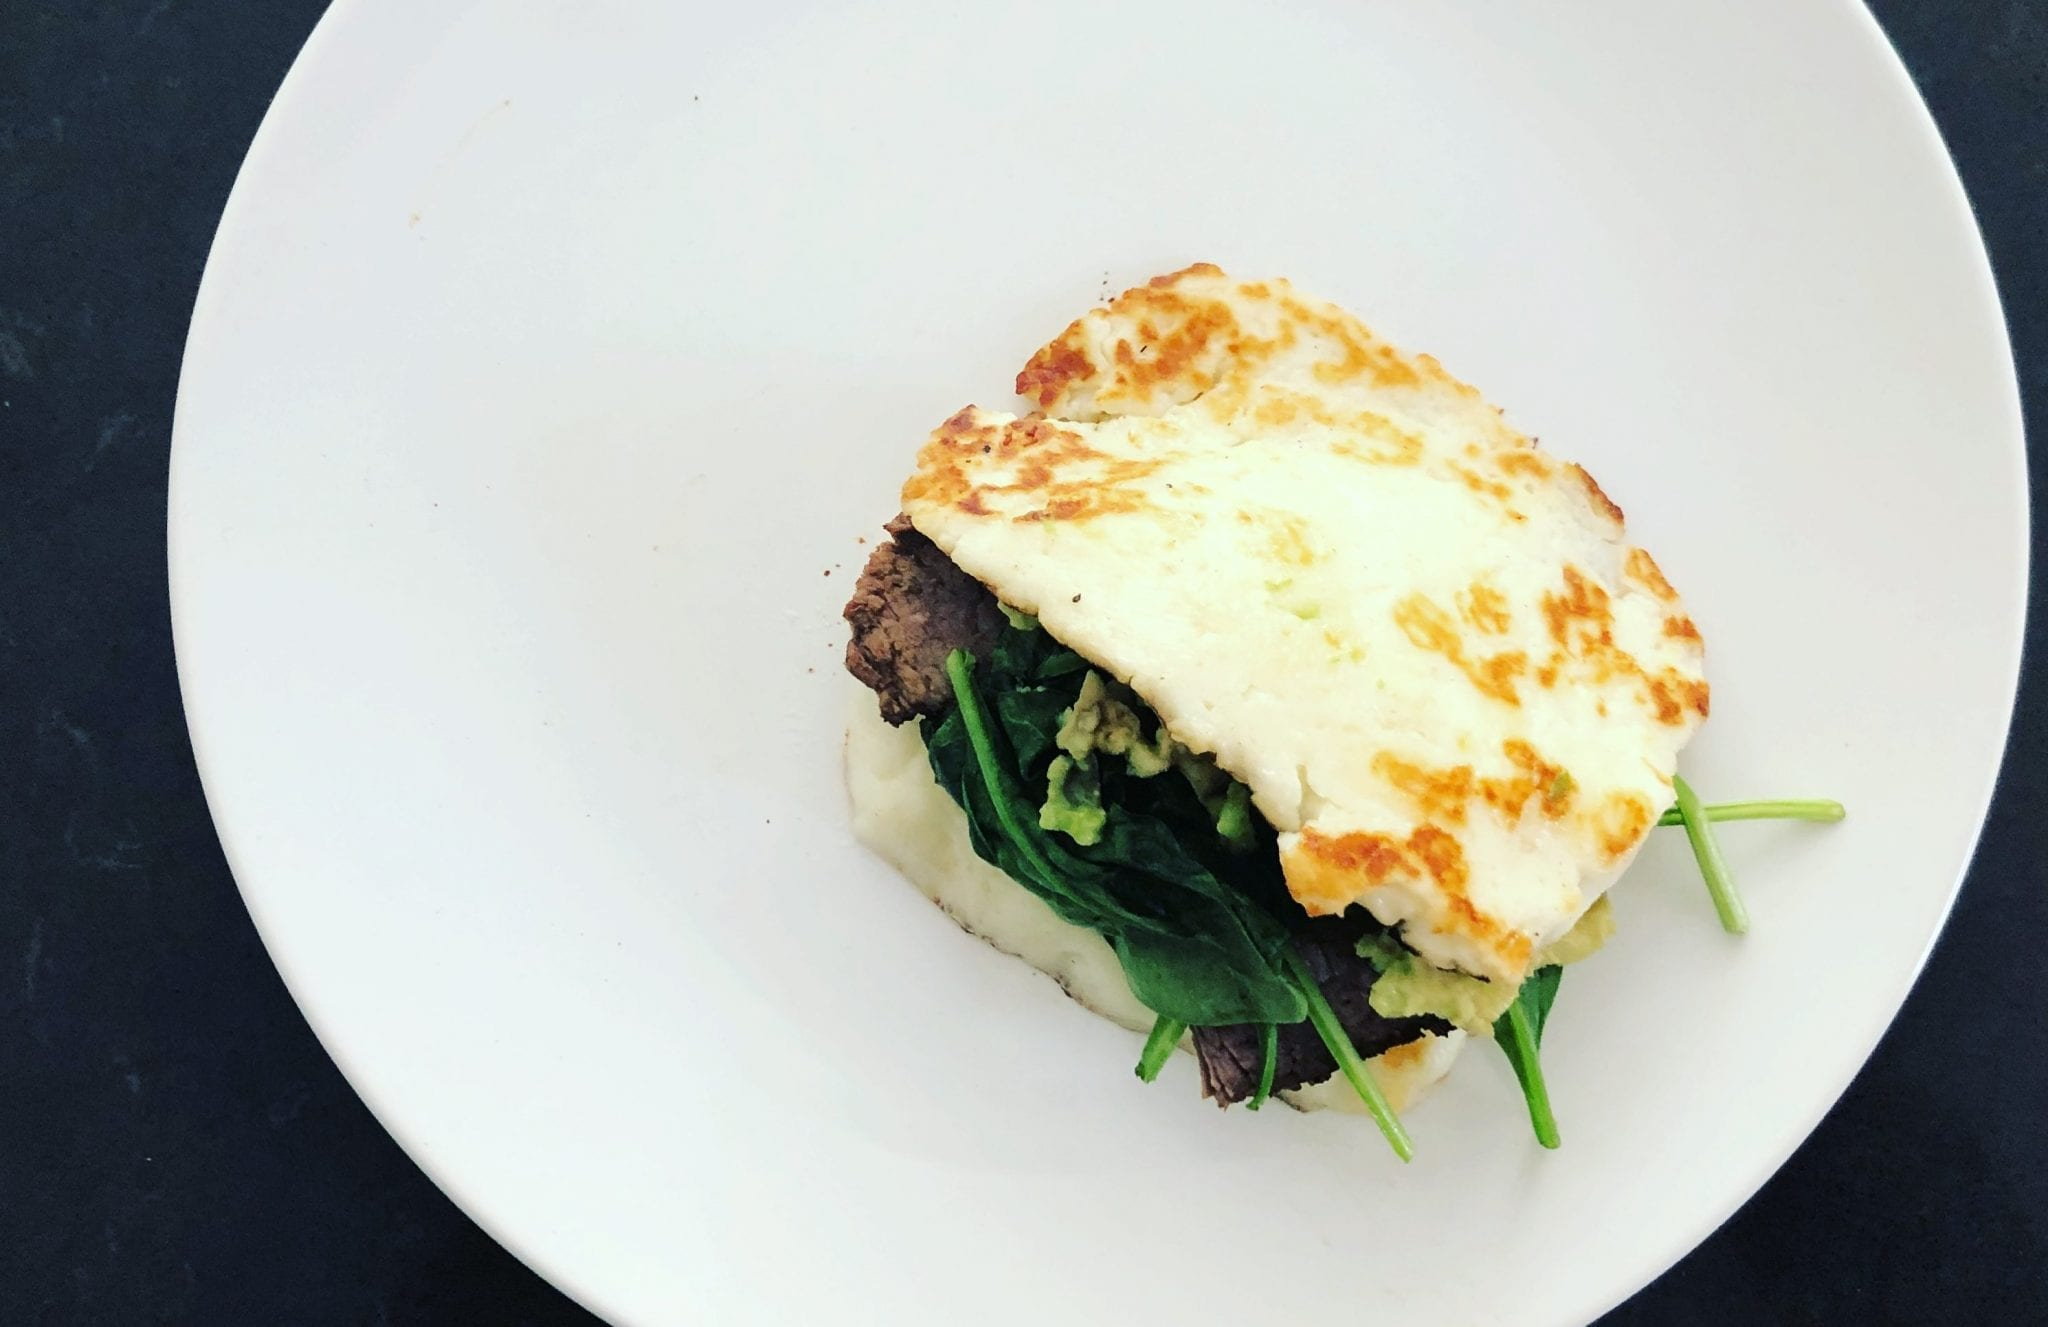 Halloumi Keto Sandwich